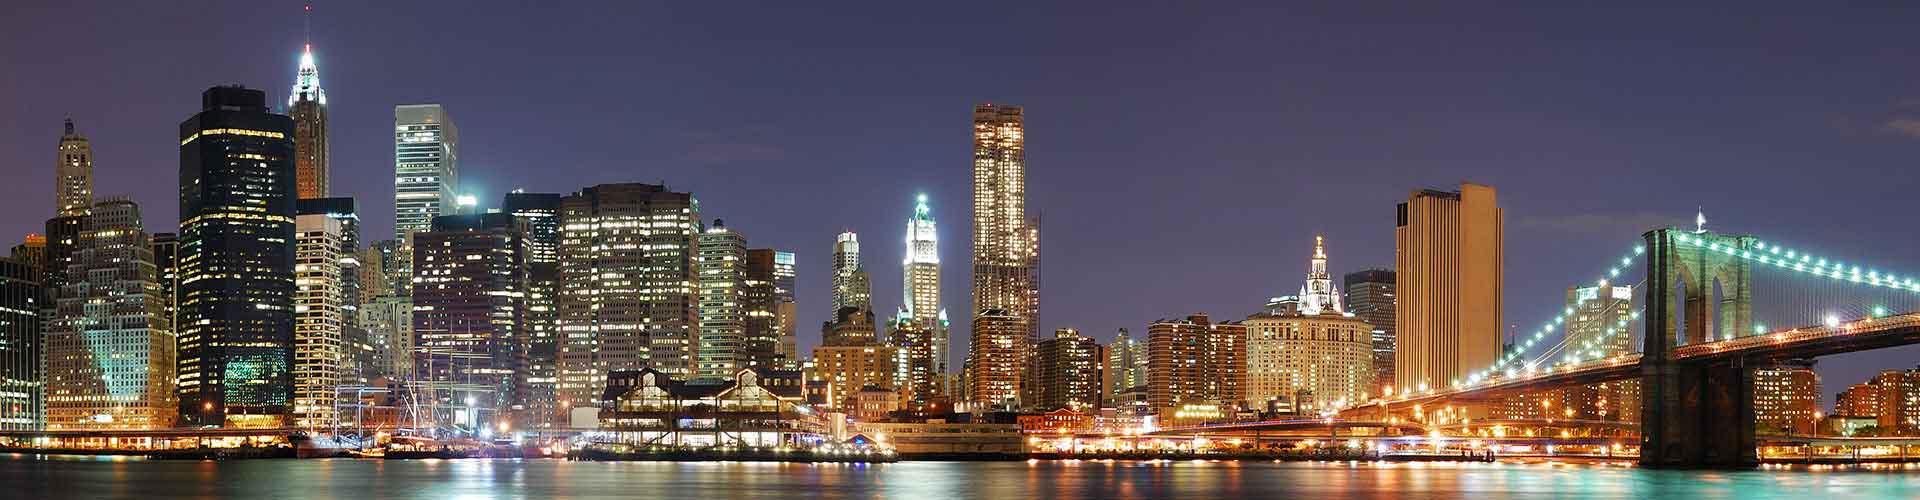 Nueva York - Hoteles baratos en Nueva York. Mapas de Nueva York, Fotos y Comentarios para cada alojamiento en Nueva York.